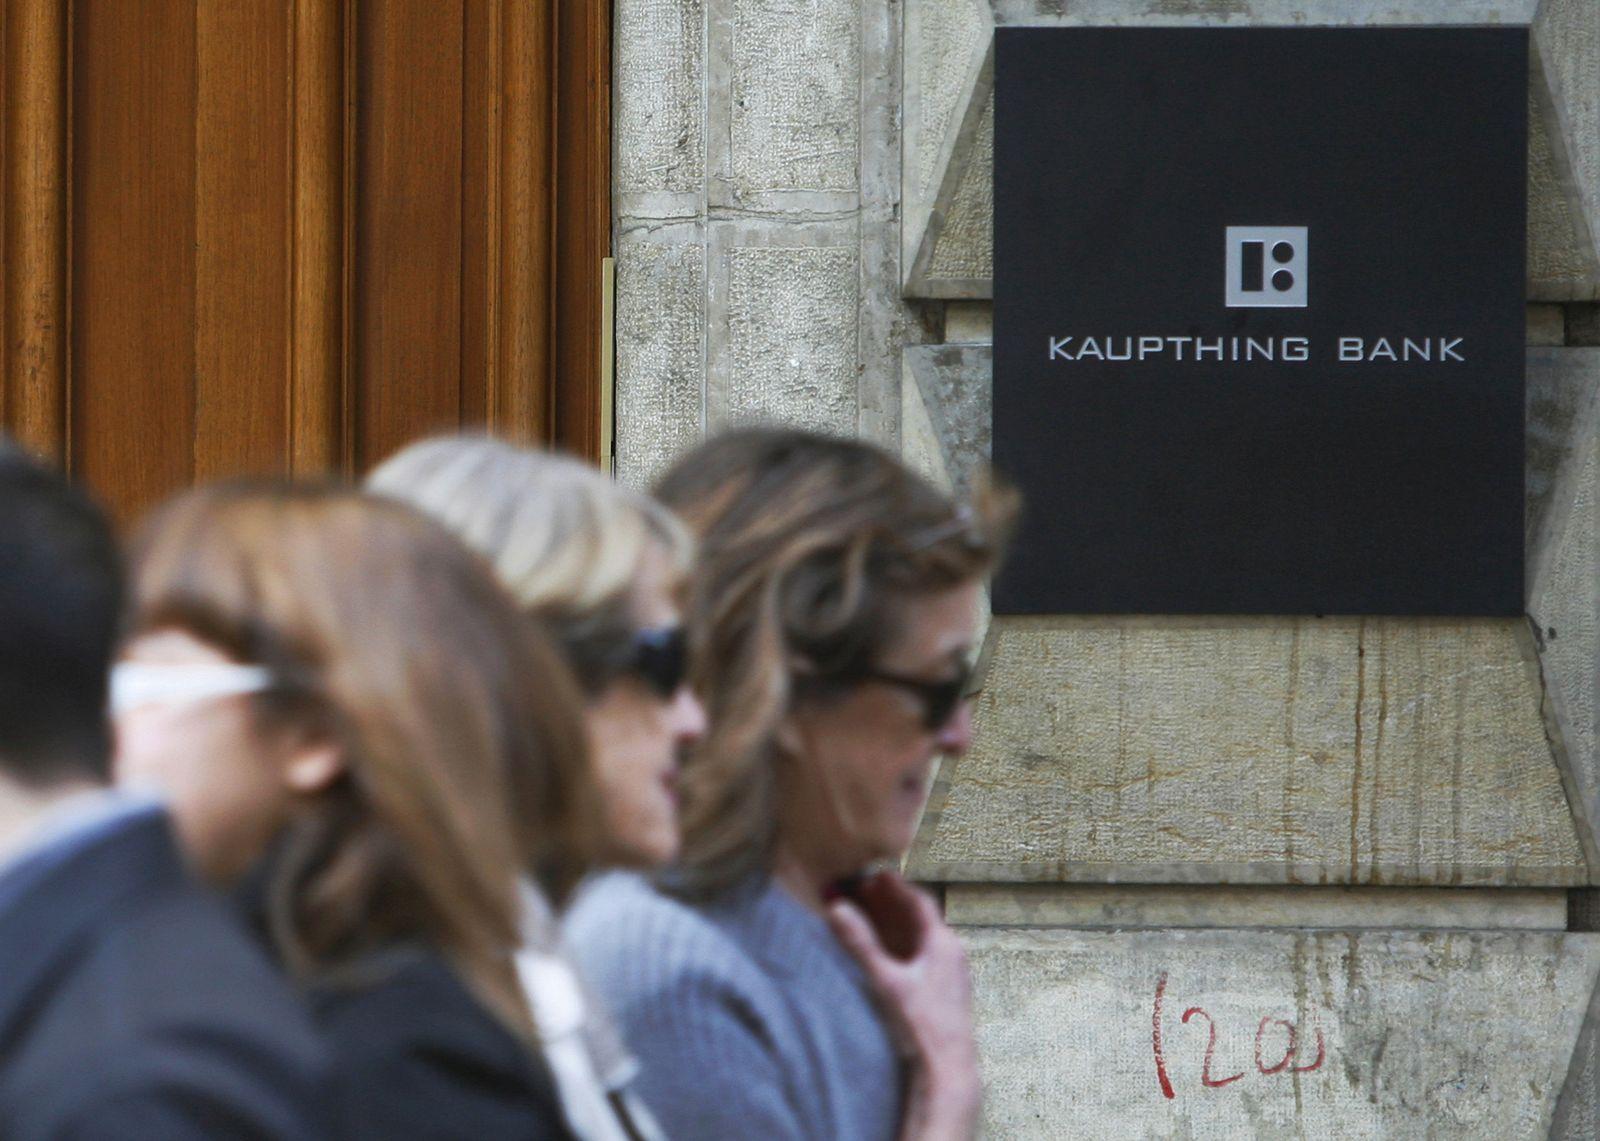 Kaupthing Bank / Genf / Eingang